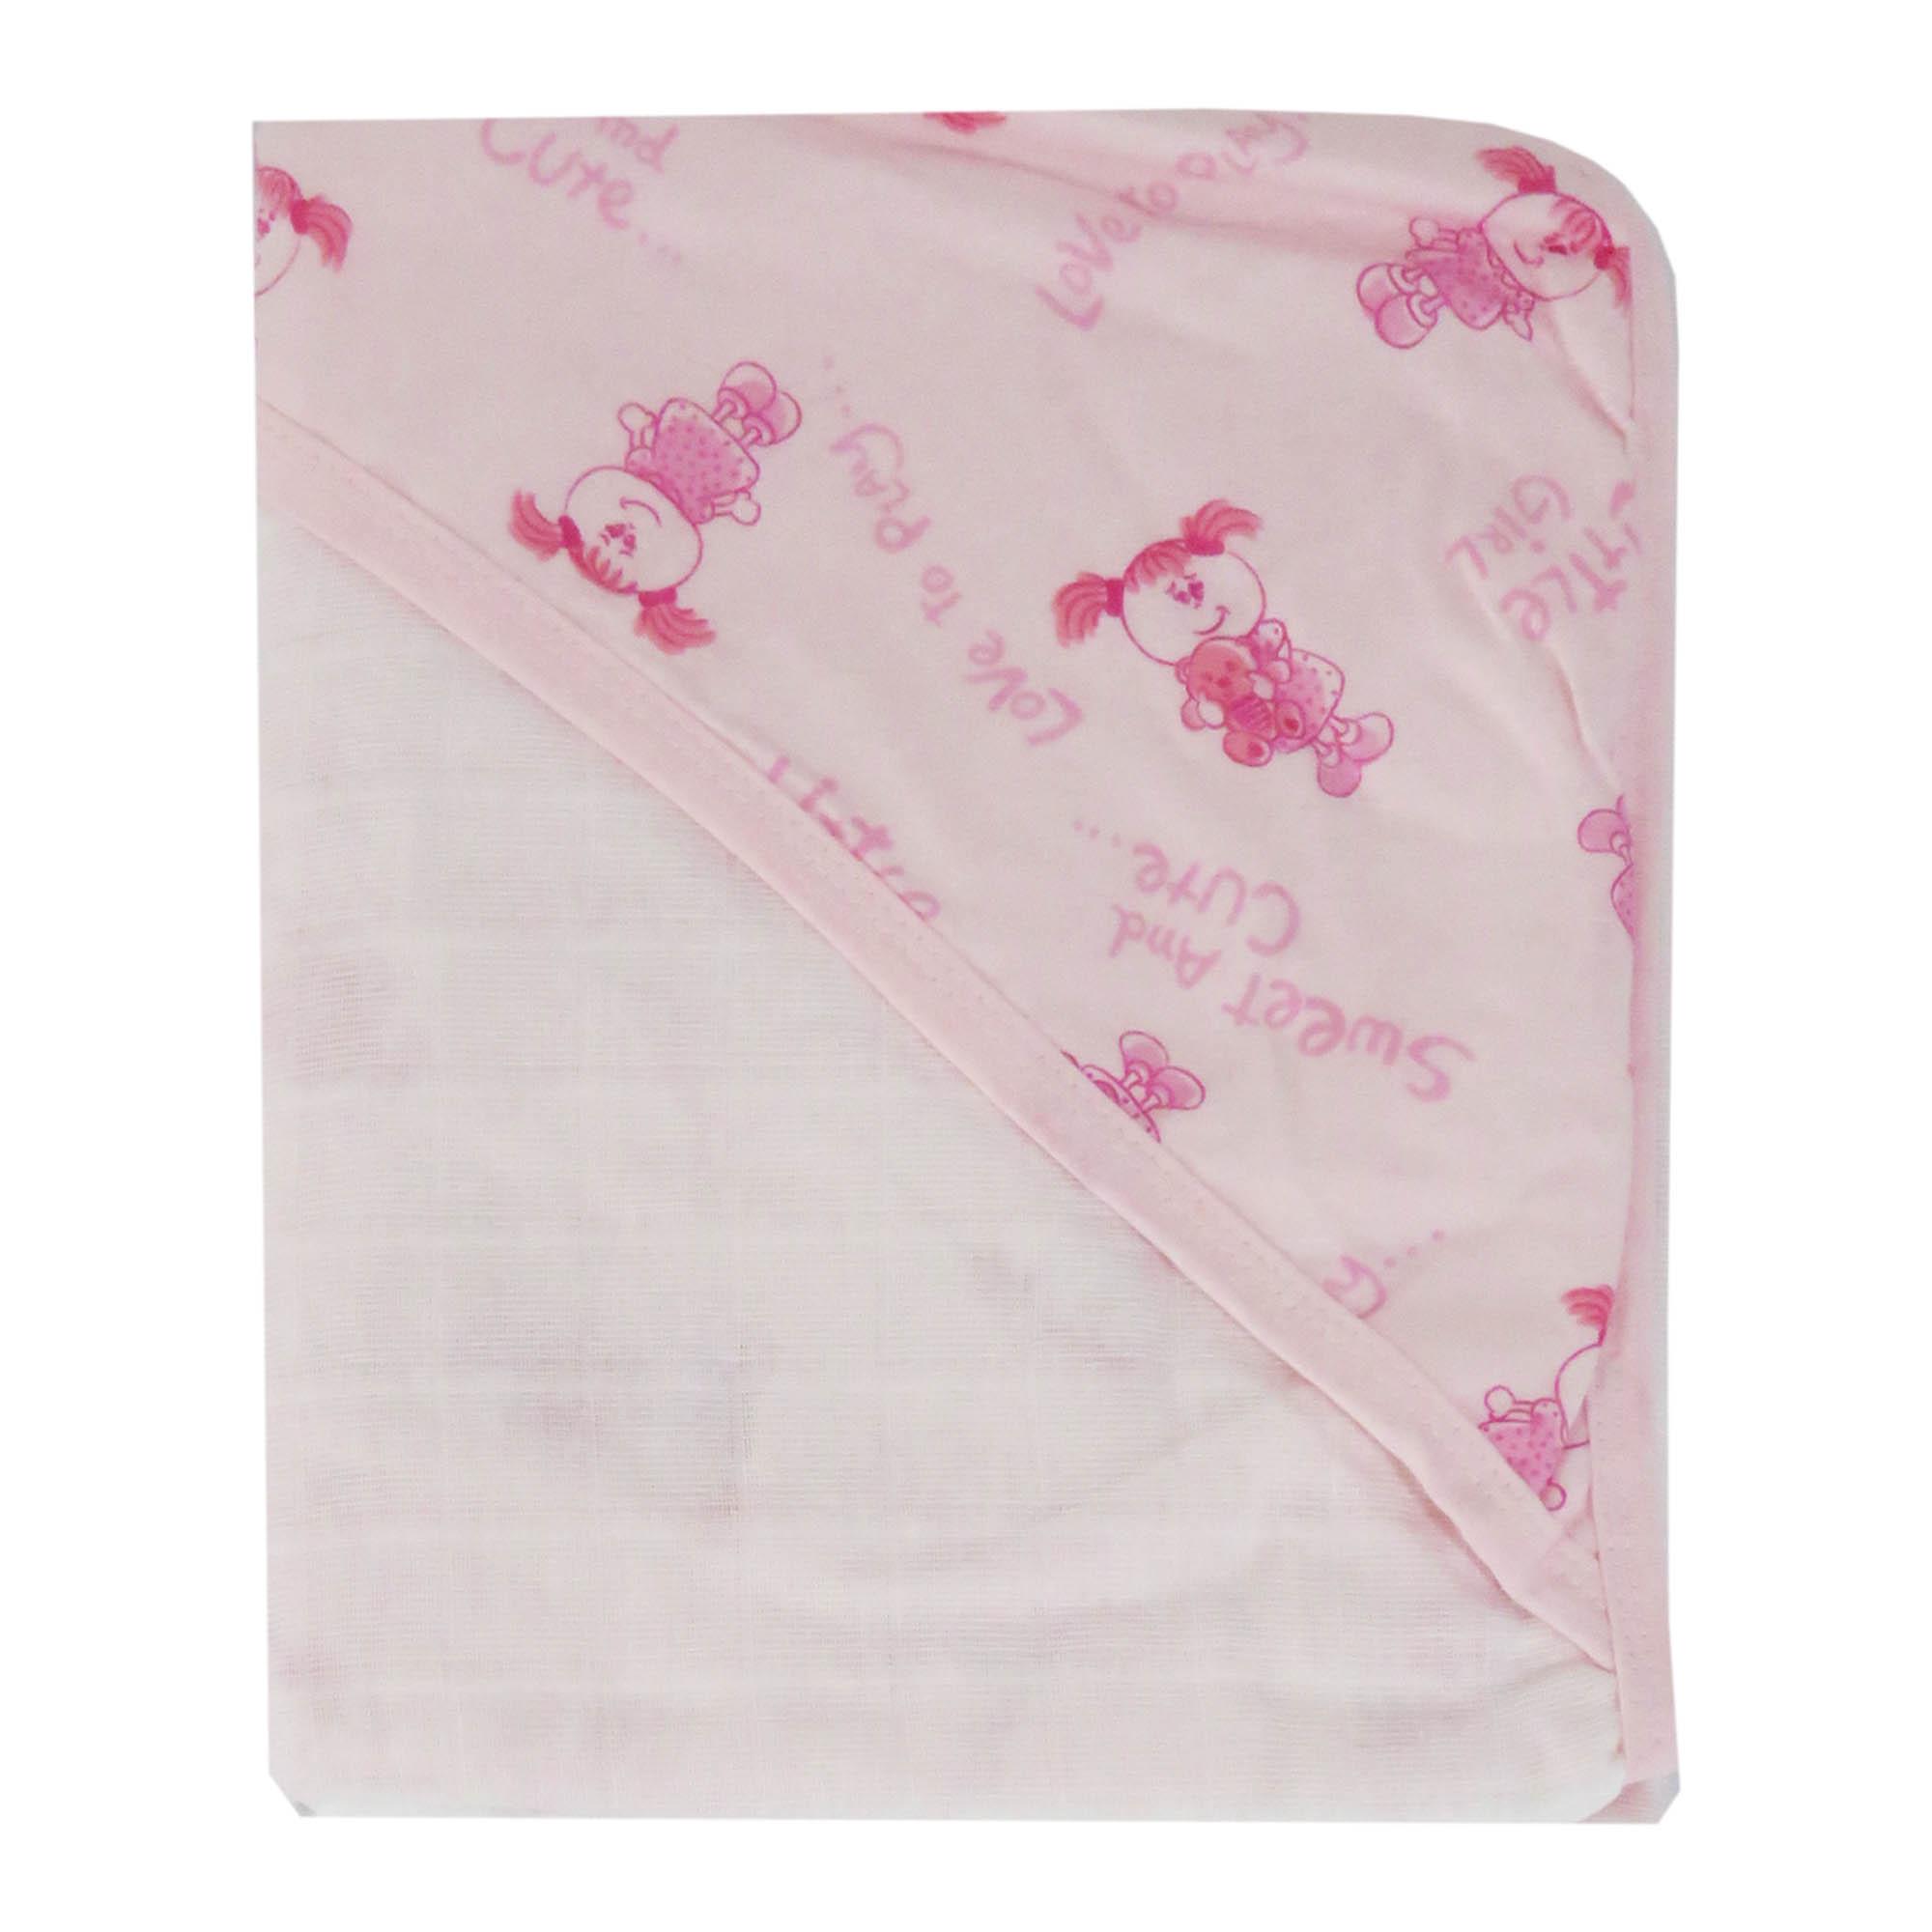 Toalha de Banho - Minasrey - Carícia Malhas - Rosa